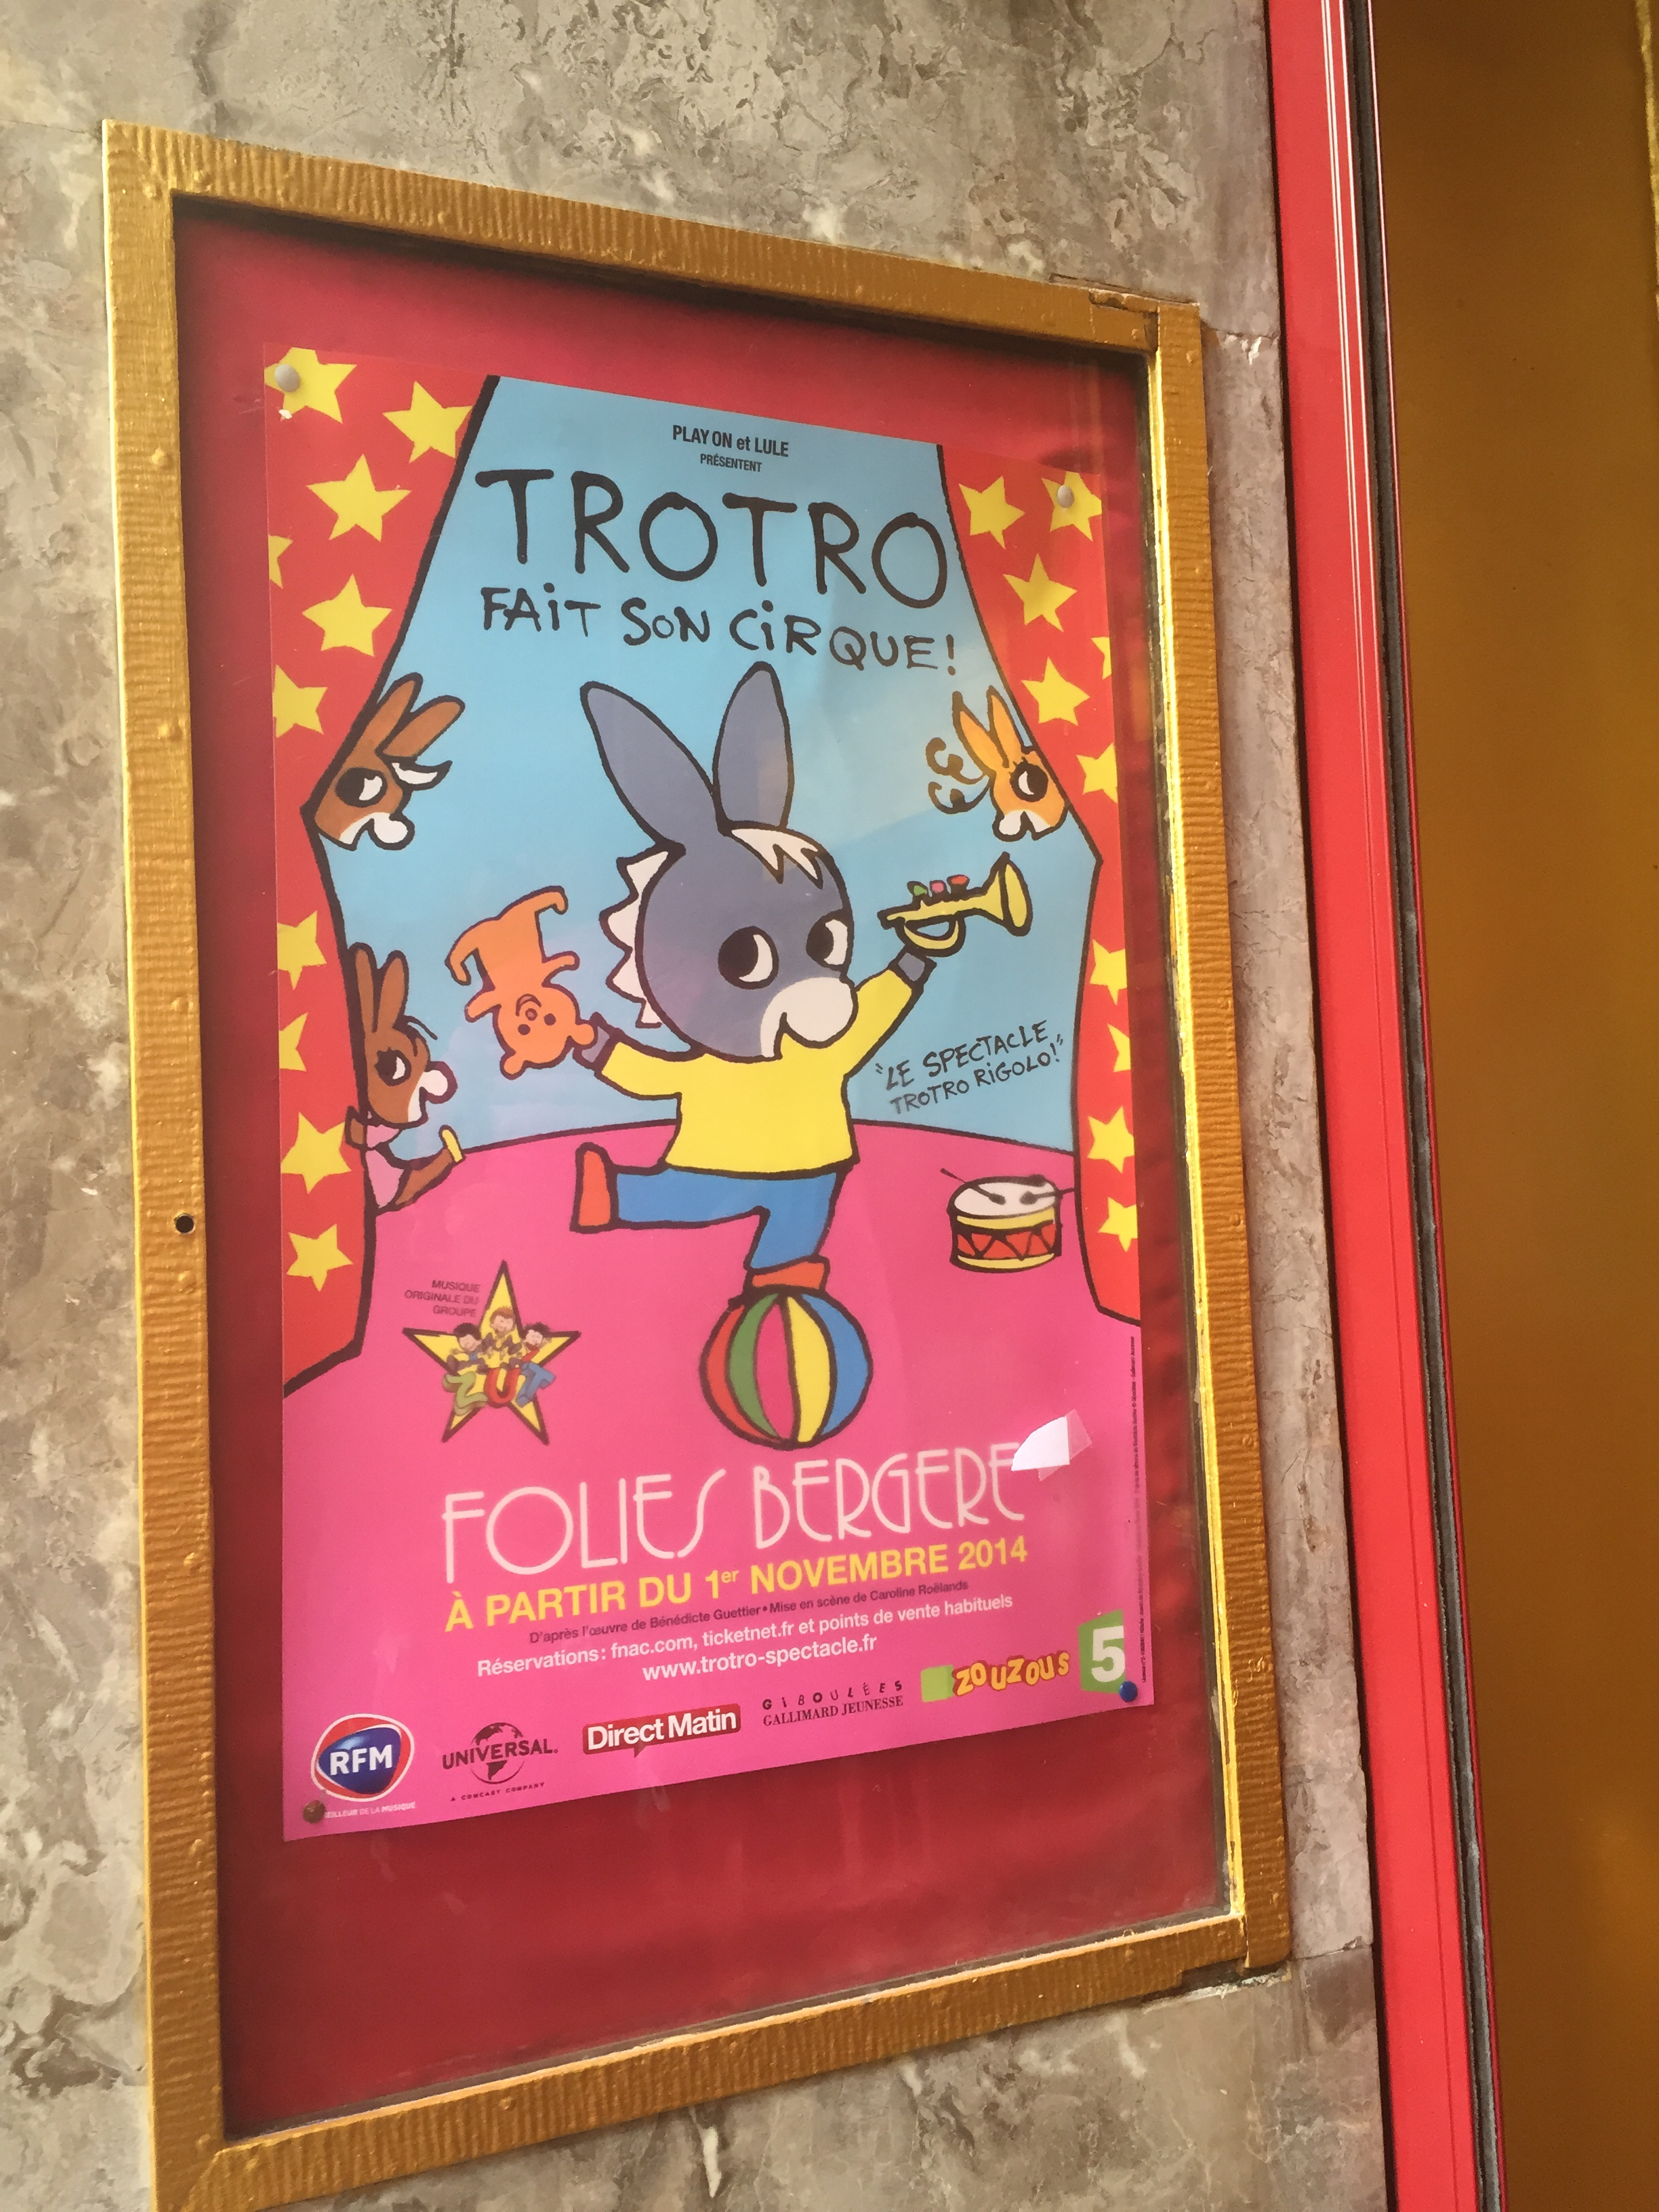 Spectacle Trotro fait son cirque folies bergeres affiche